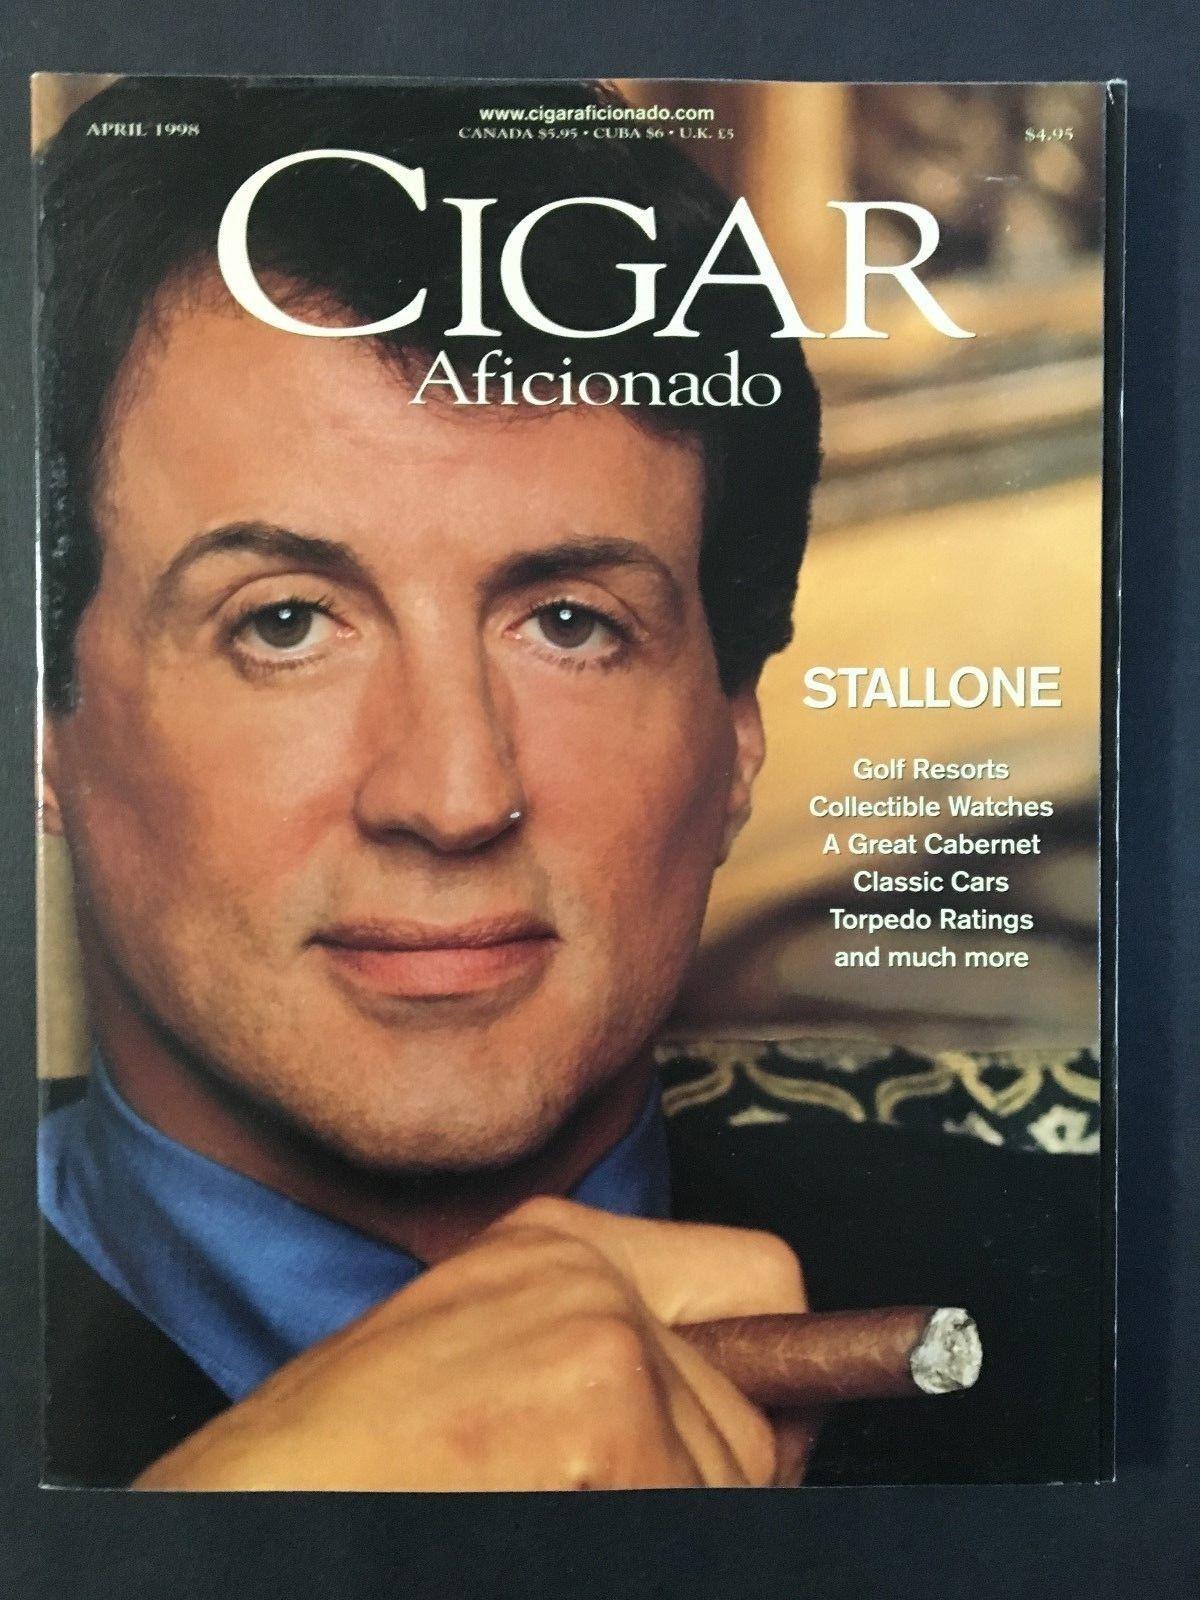 cigar-aficionado-magazine-april-1998-sylvester-stallone.jpg